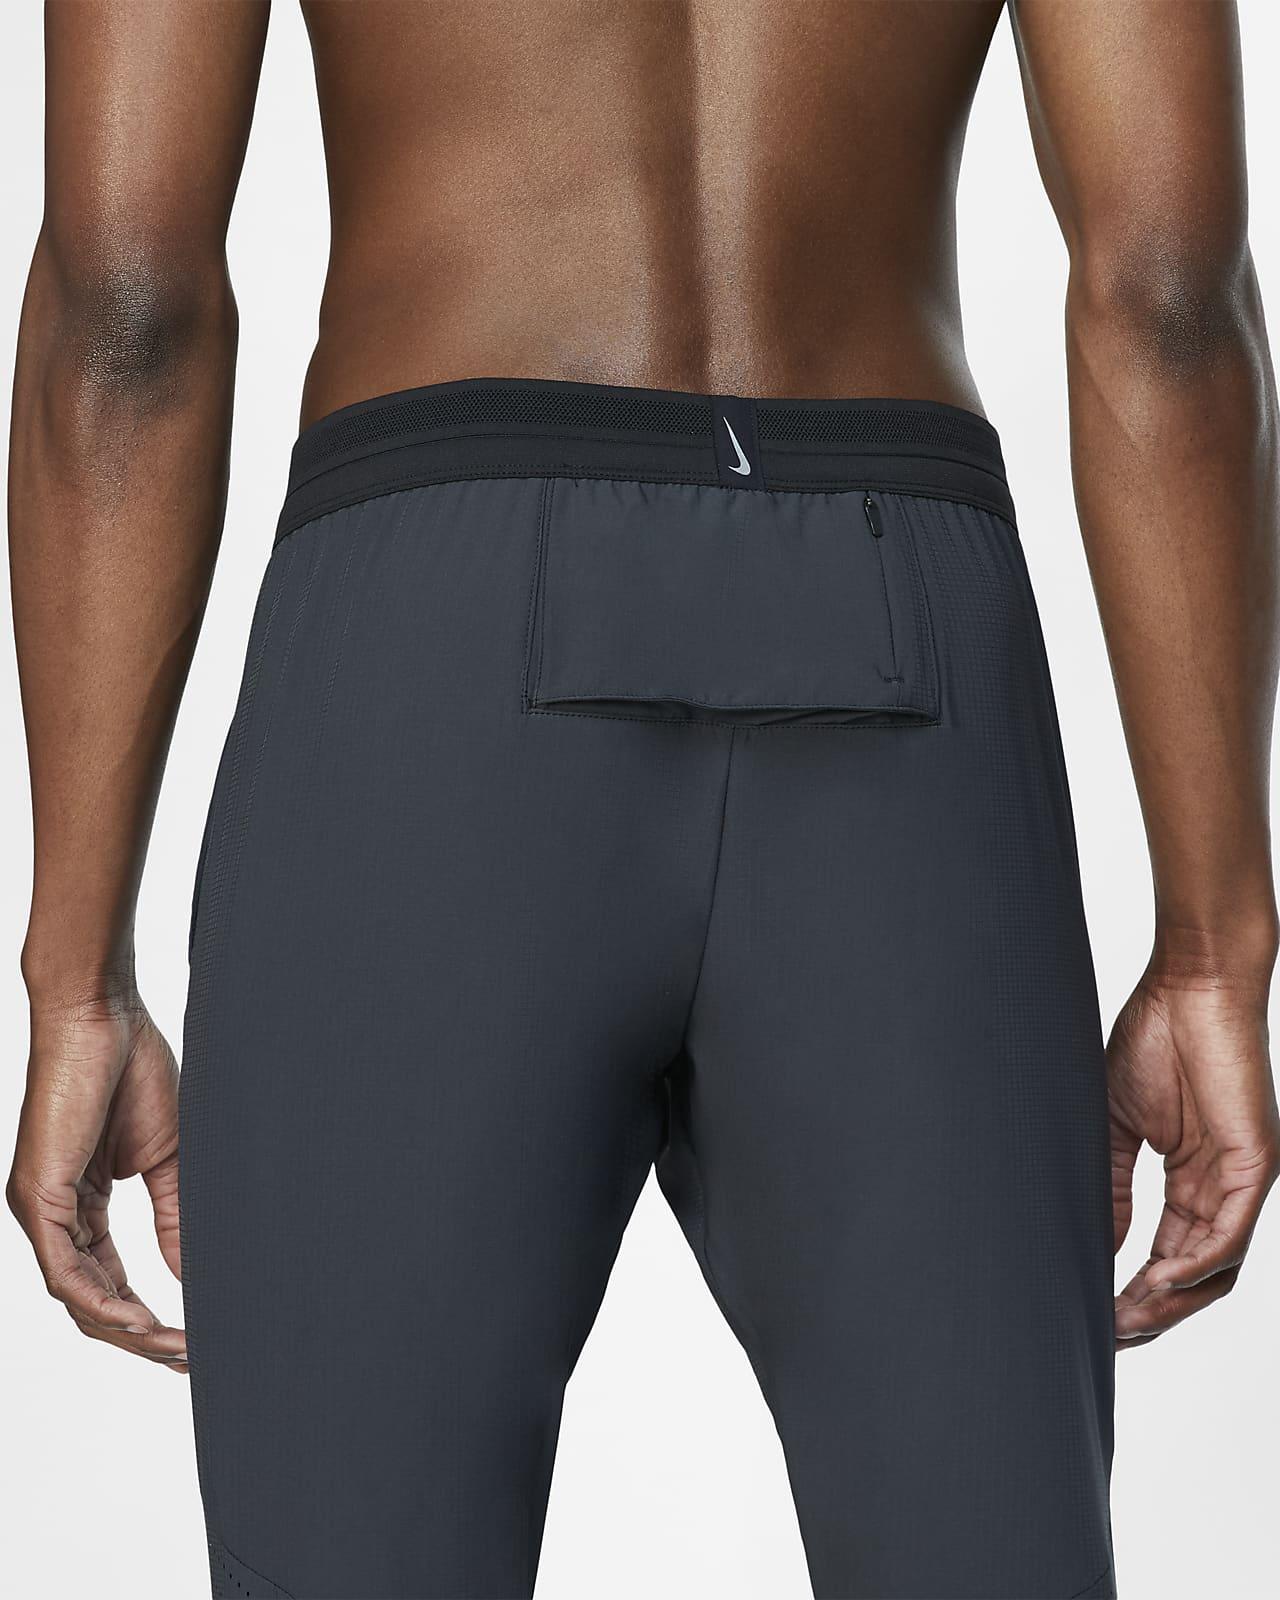 Permanentemente Creo que estoy enfermo sonriendo  Pantalones de running para hombre Nike Swift. Nike.com